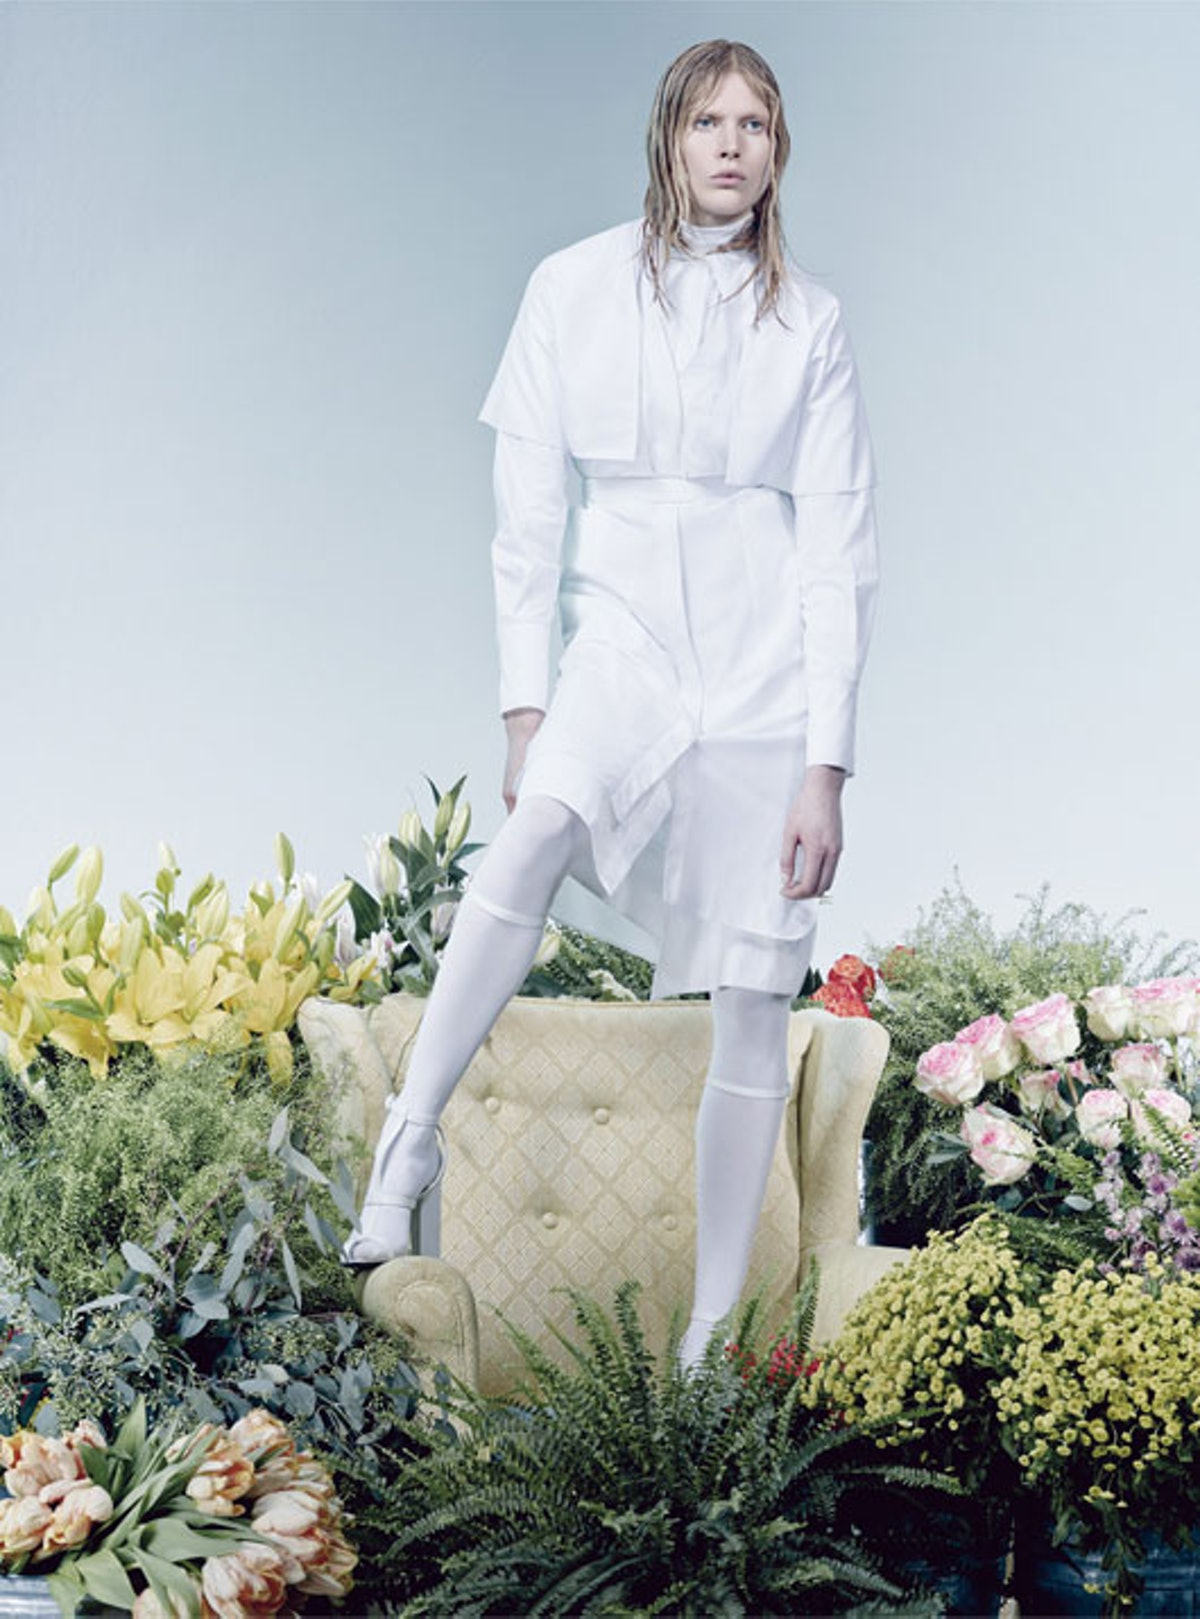 fass-craig-mcdean-spring-whites-08-l.jpg